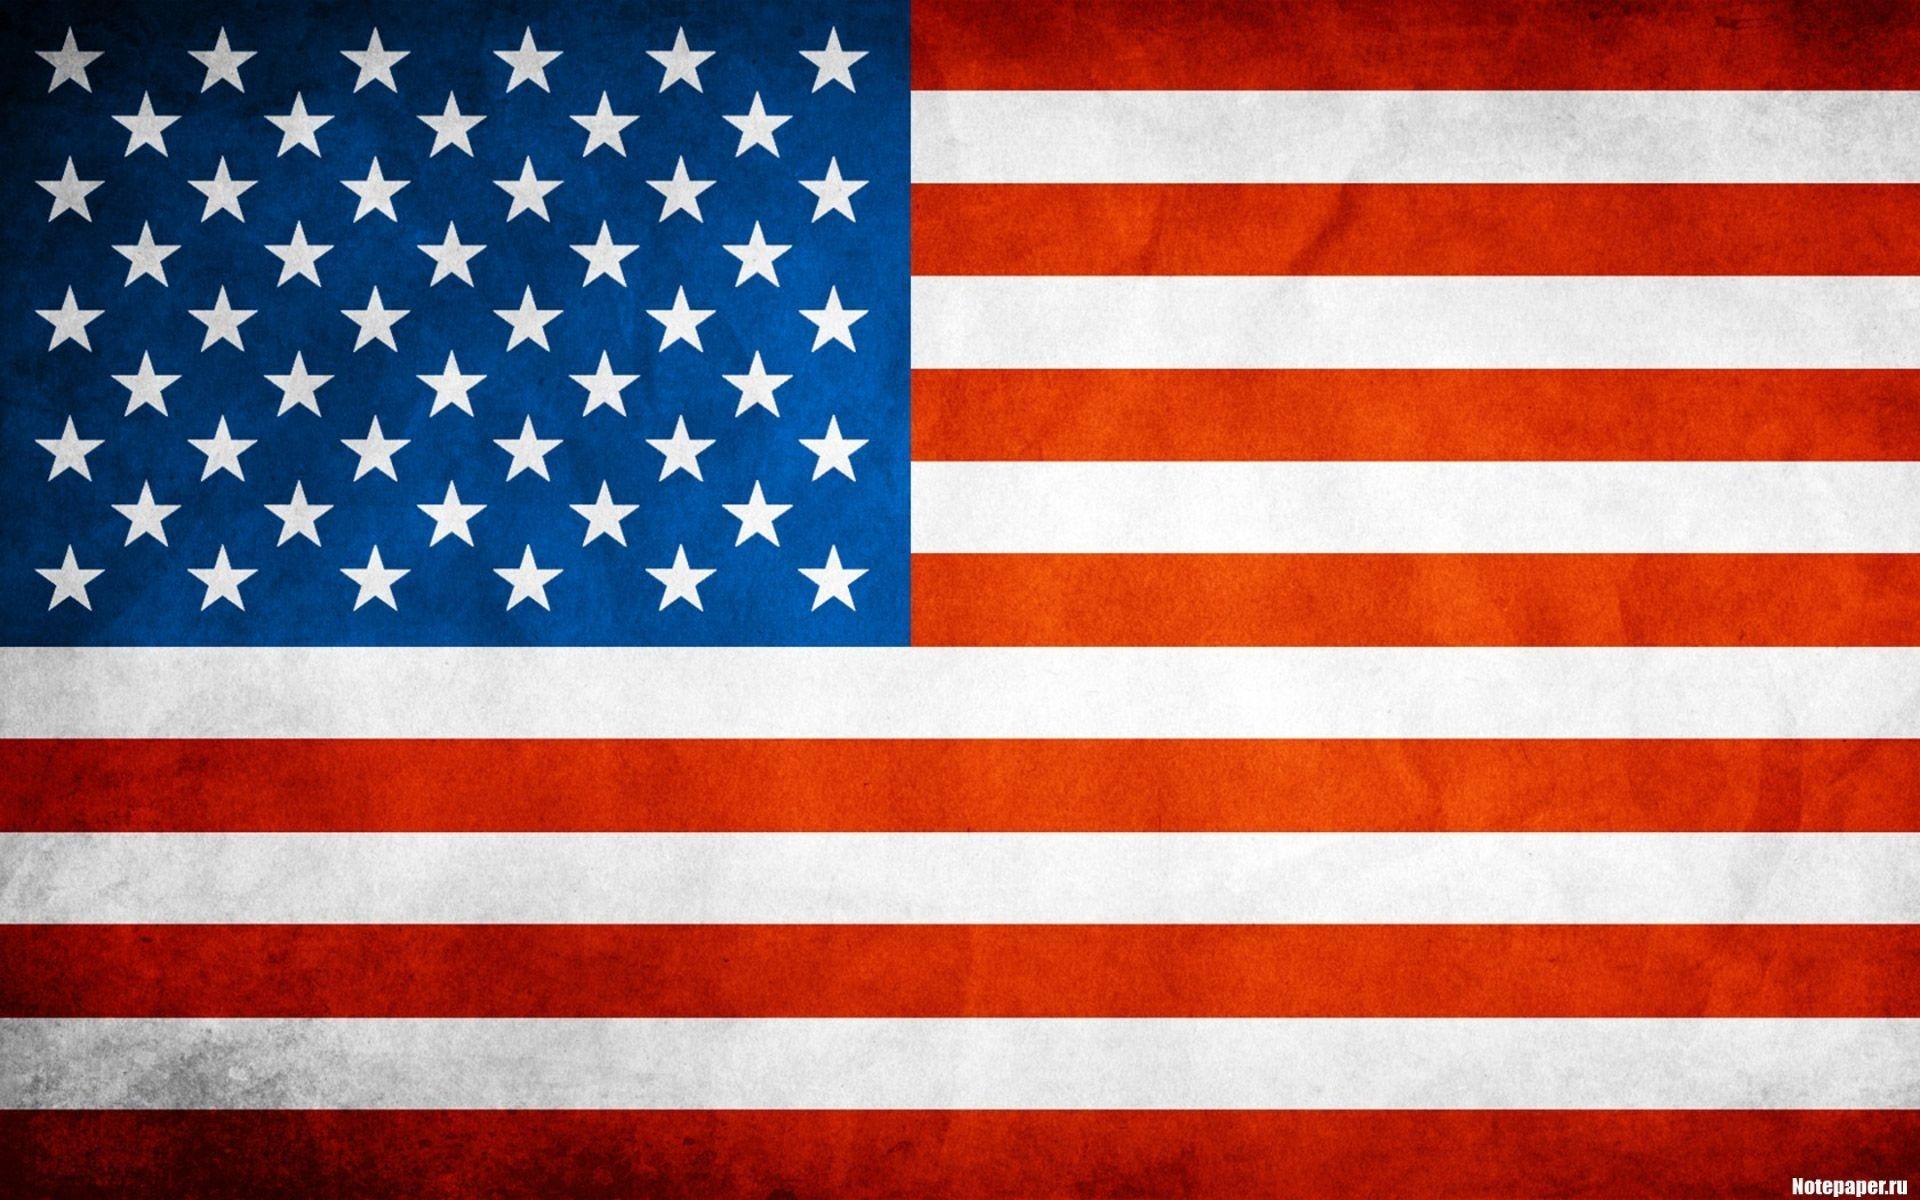 10 New American Flag Wallpaper 1920X1080 FULL HD 1920×1080 For PC Desktop